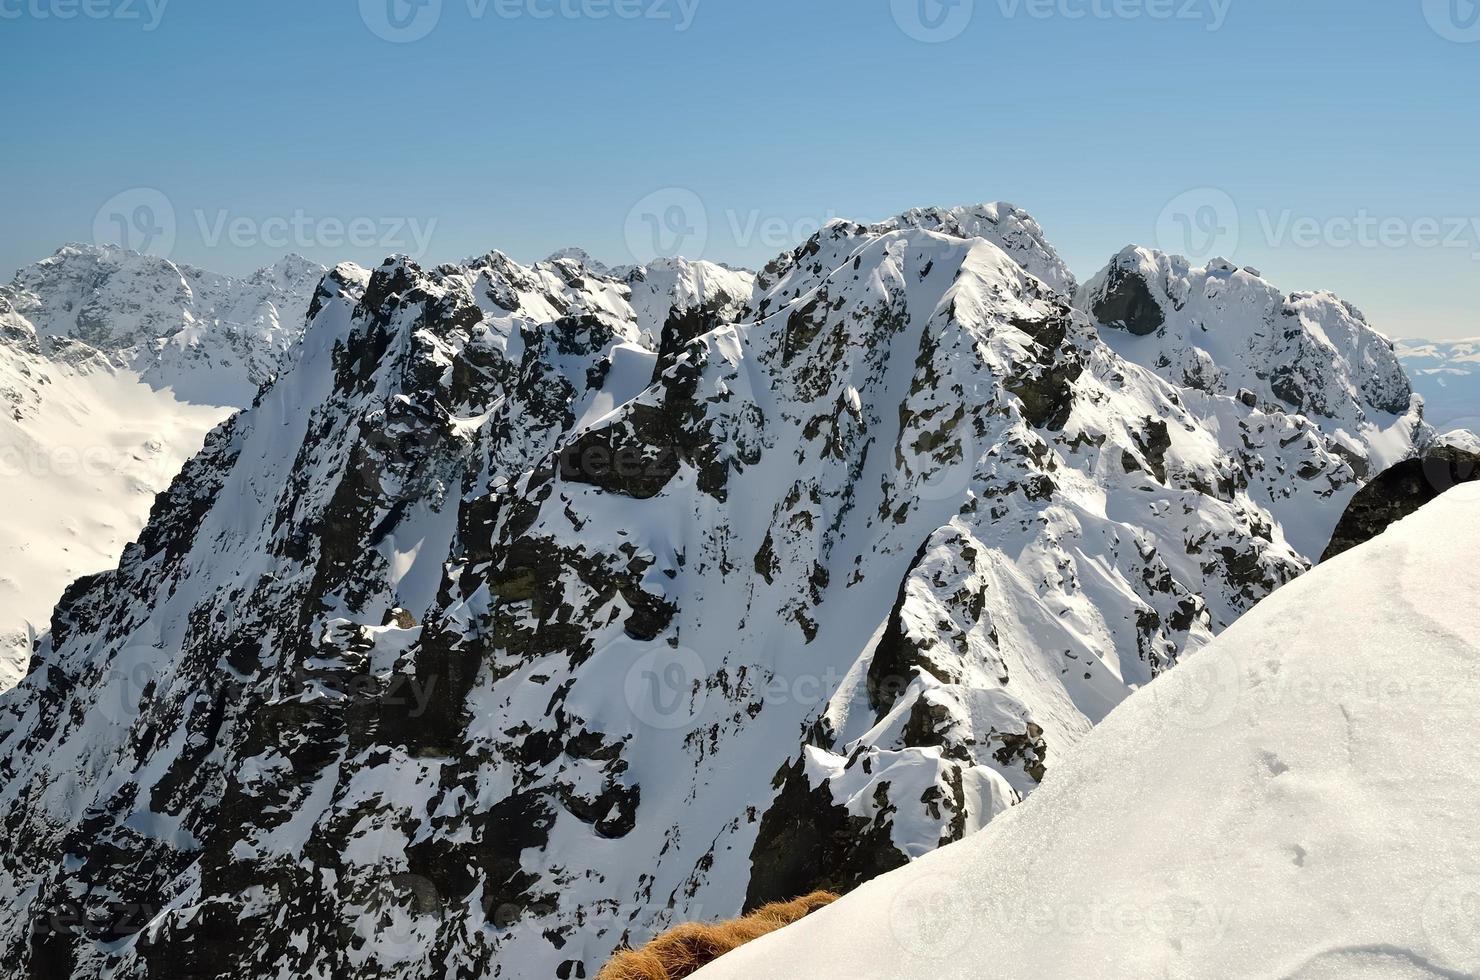 paesaggio invernale in montagna. foto